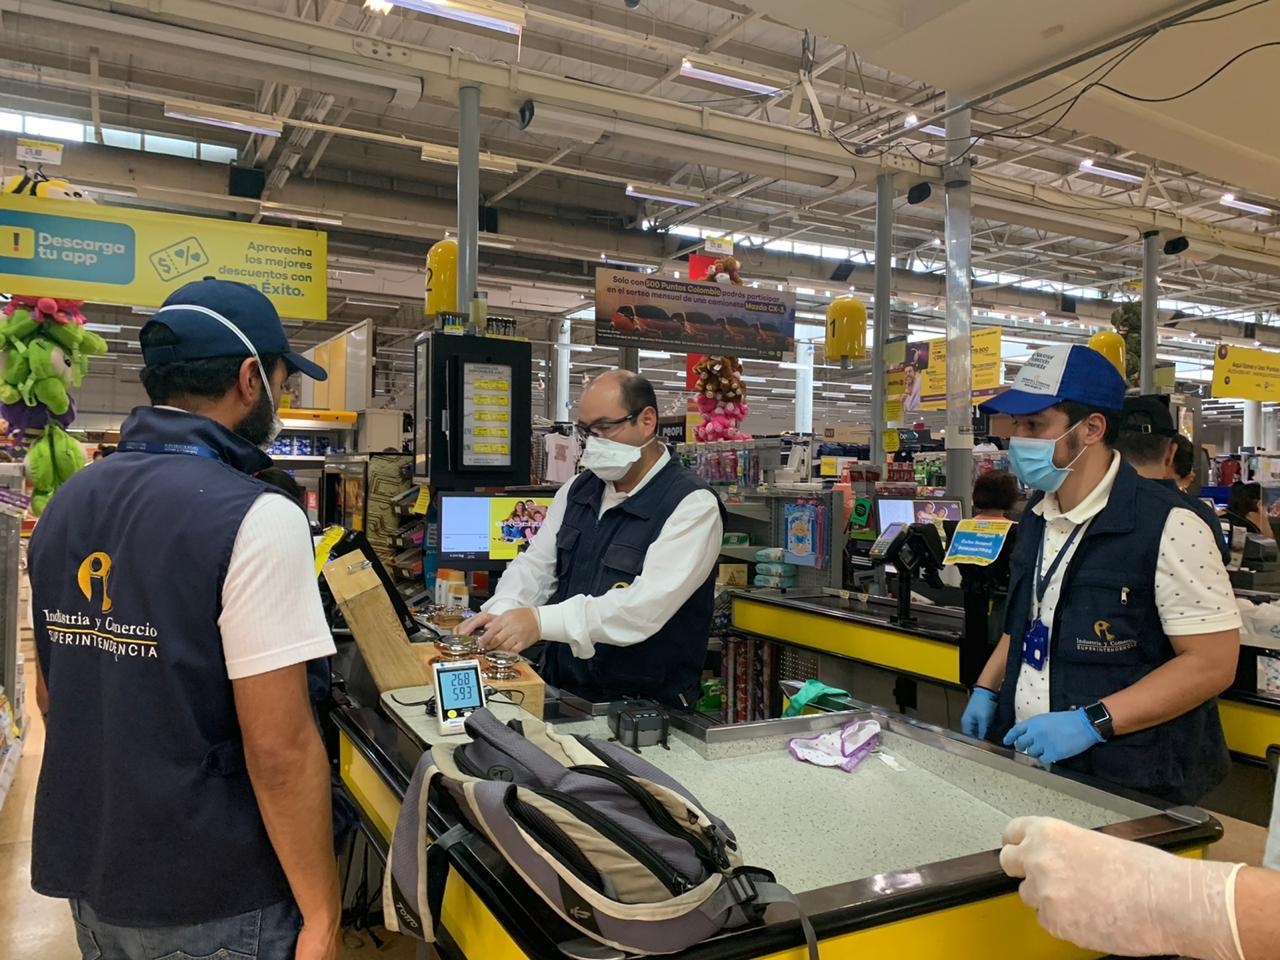 La SIC verificó las bombas de gasolina y supermercados de Ibagué 2